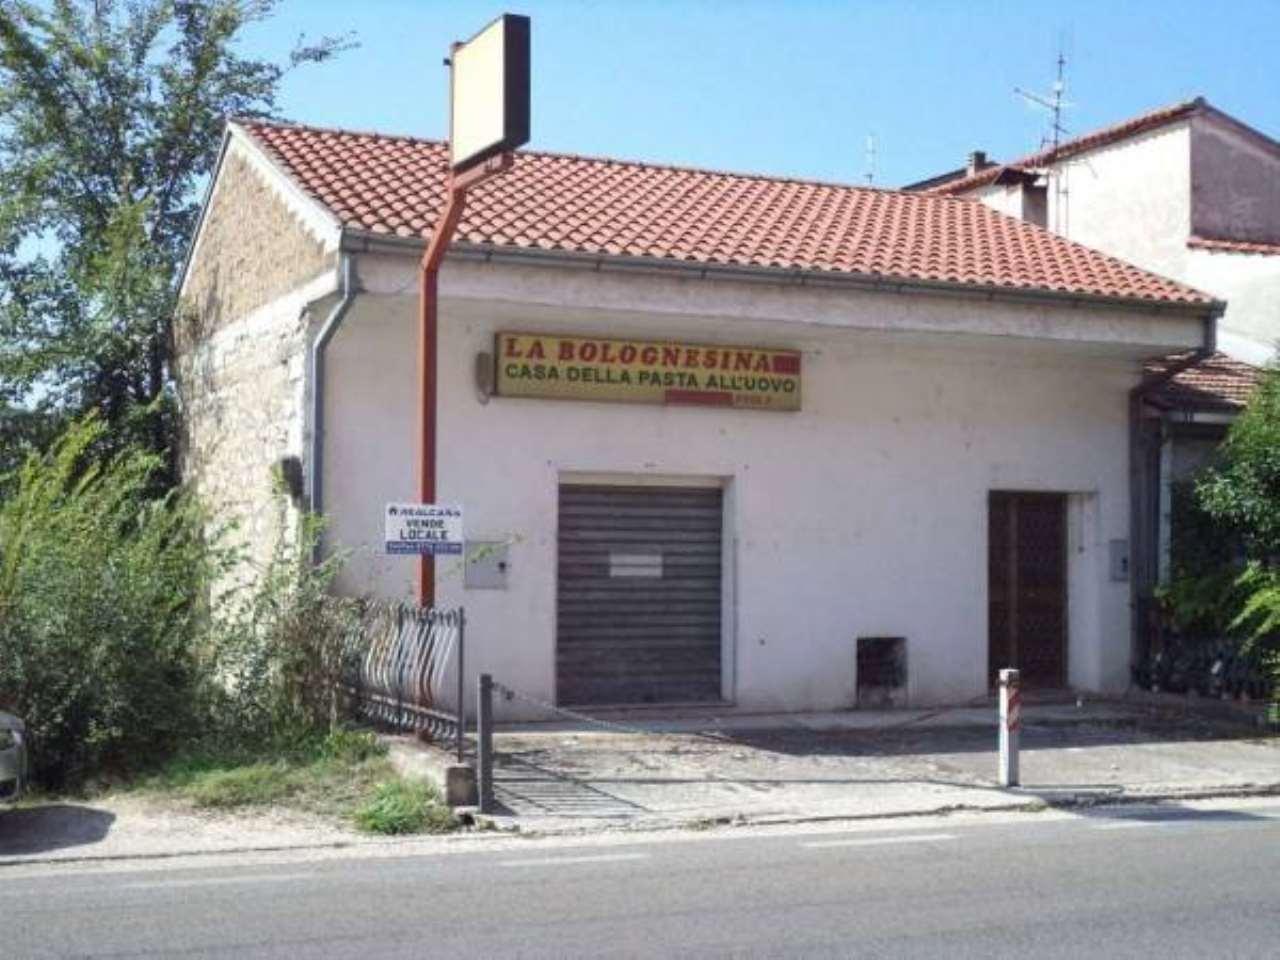 Negozio / Locale in vendita a Arce, 4 locali, prezzo € 69.000 | CambioCasa.it